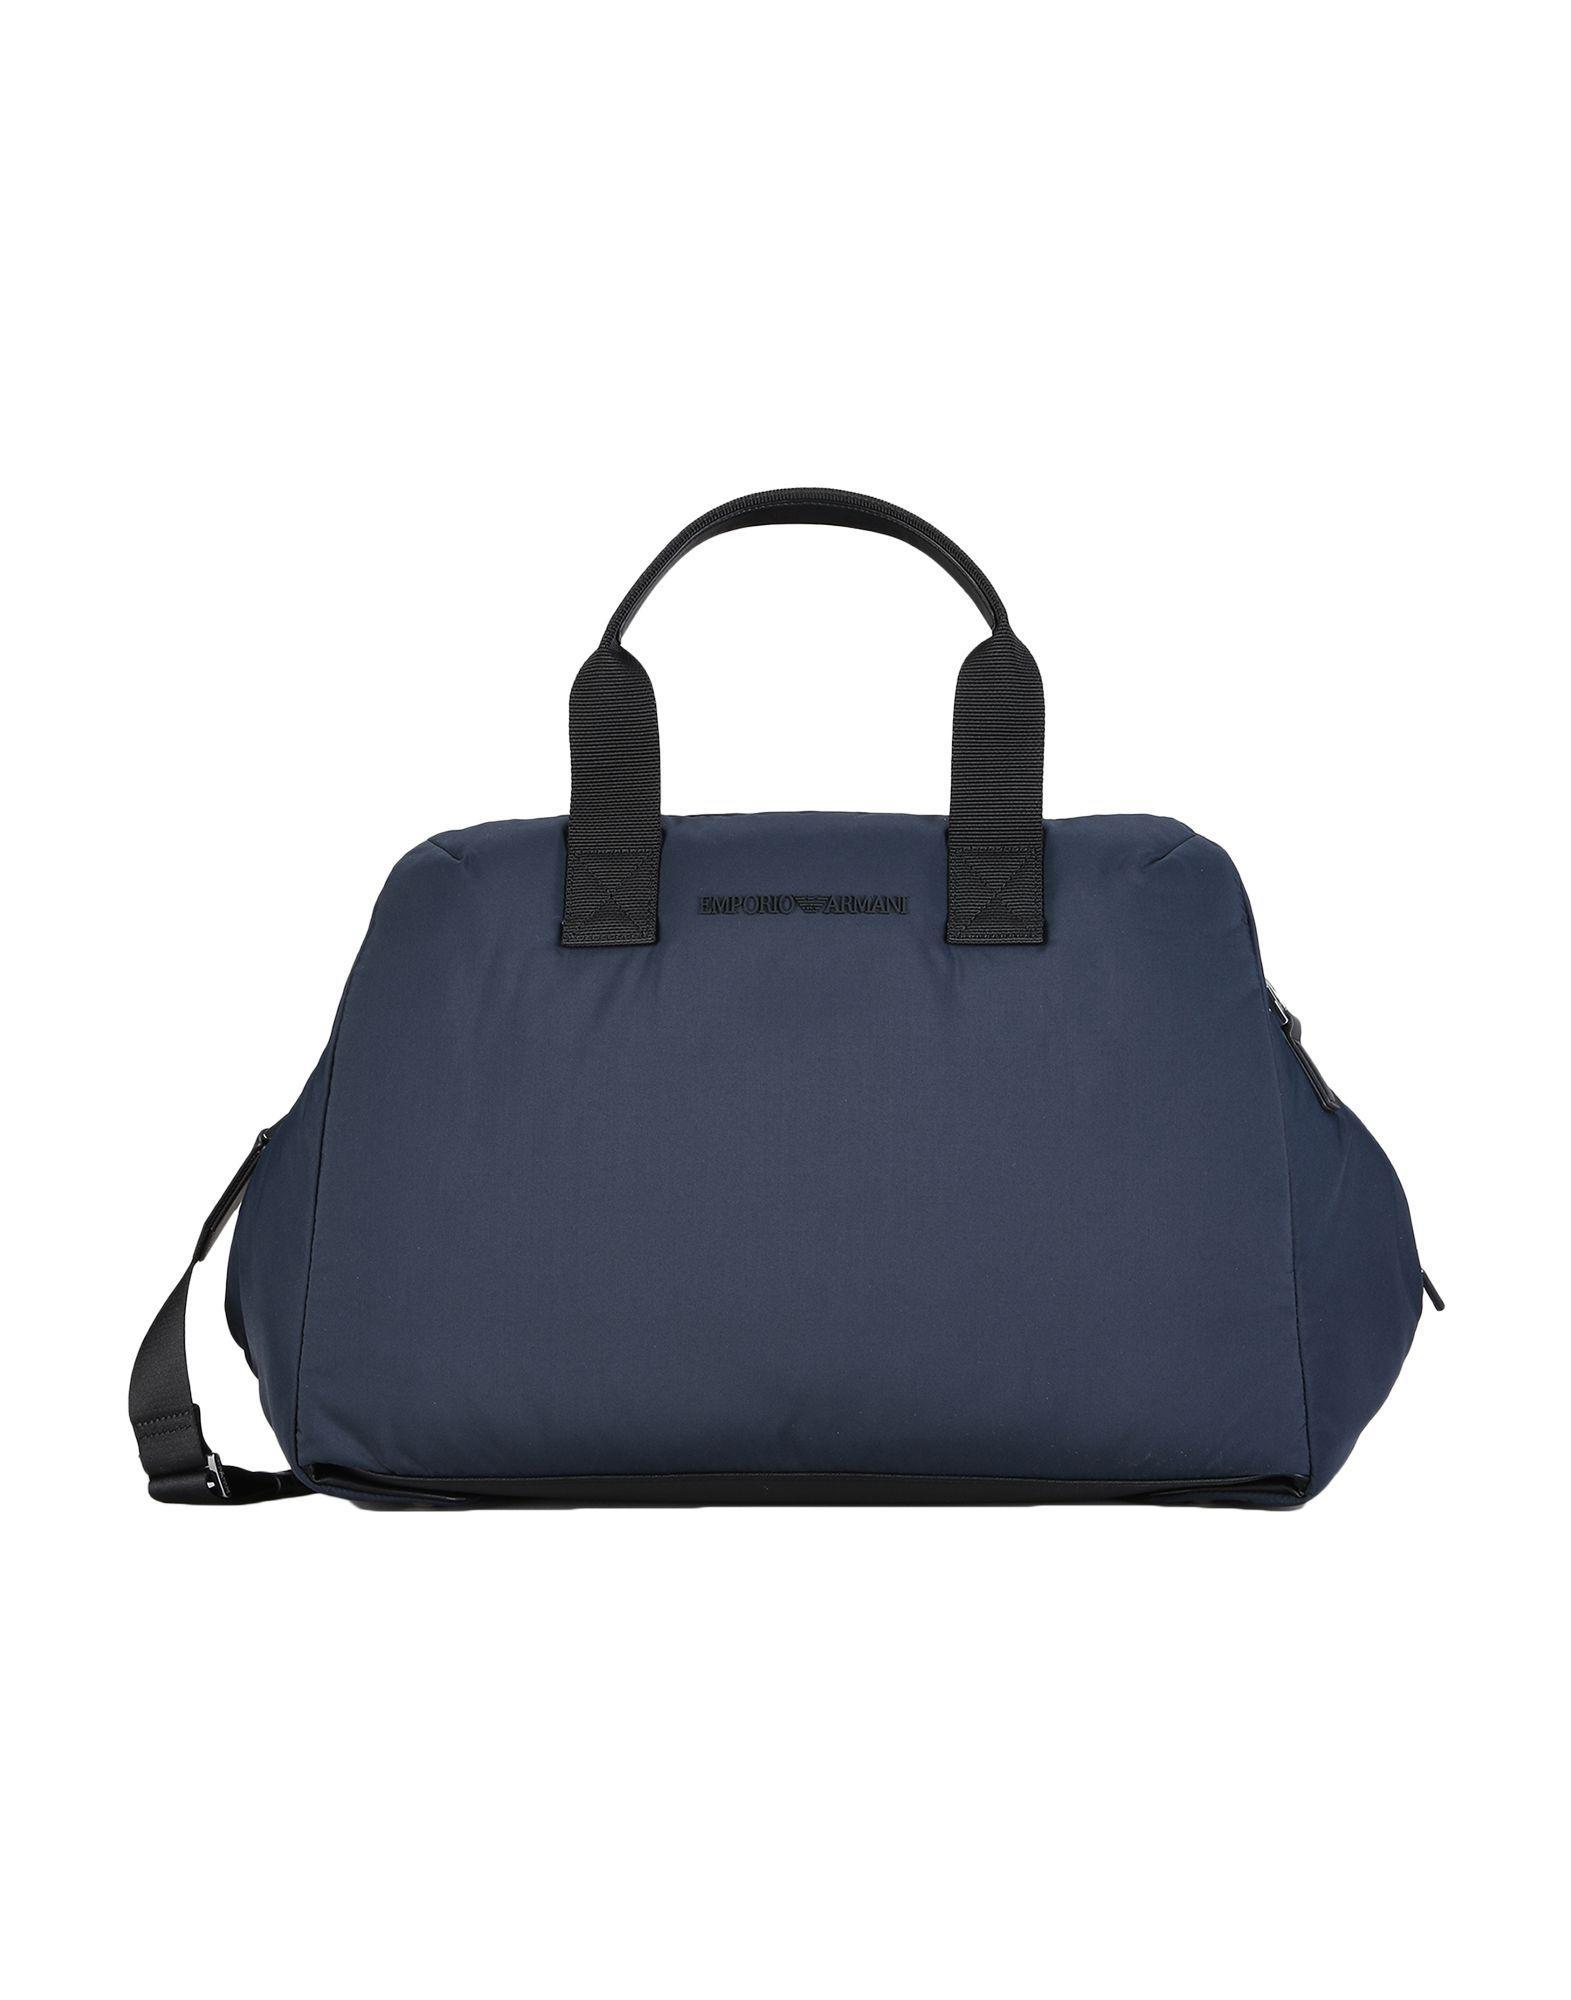 2800d864fbfc7 Lyst - Sac de voyage Emporio Armani pour homme en coloris Bleu